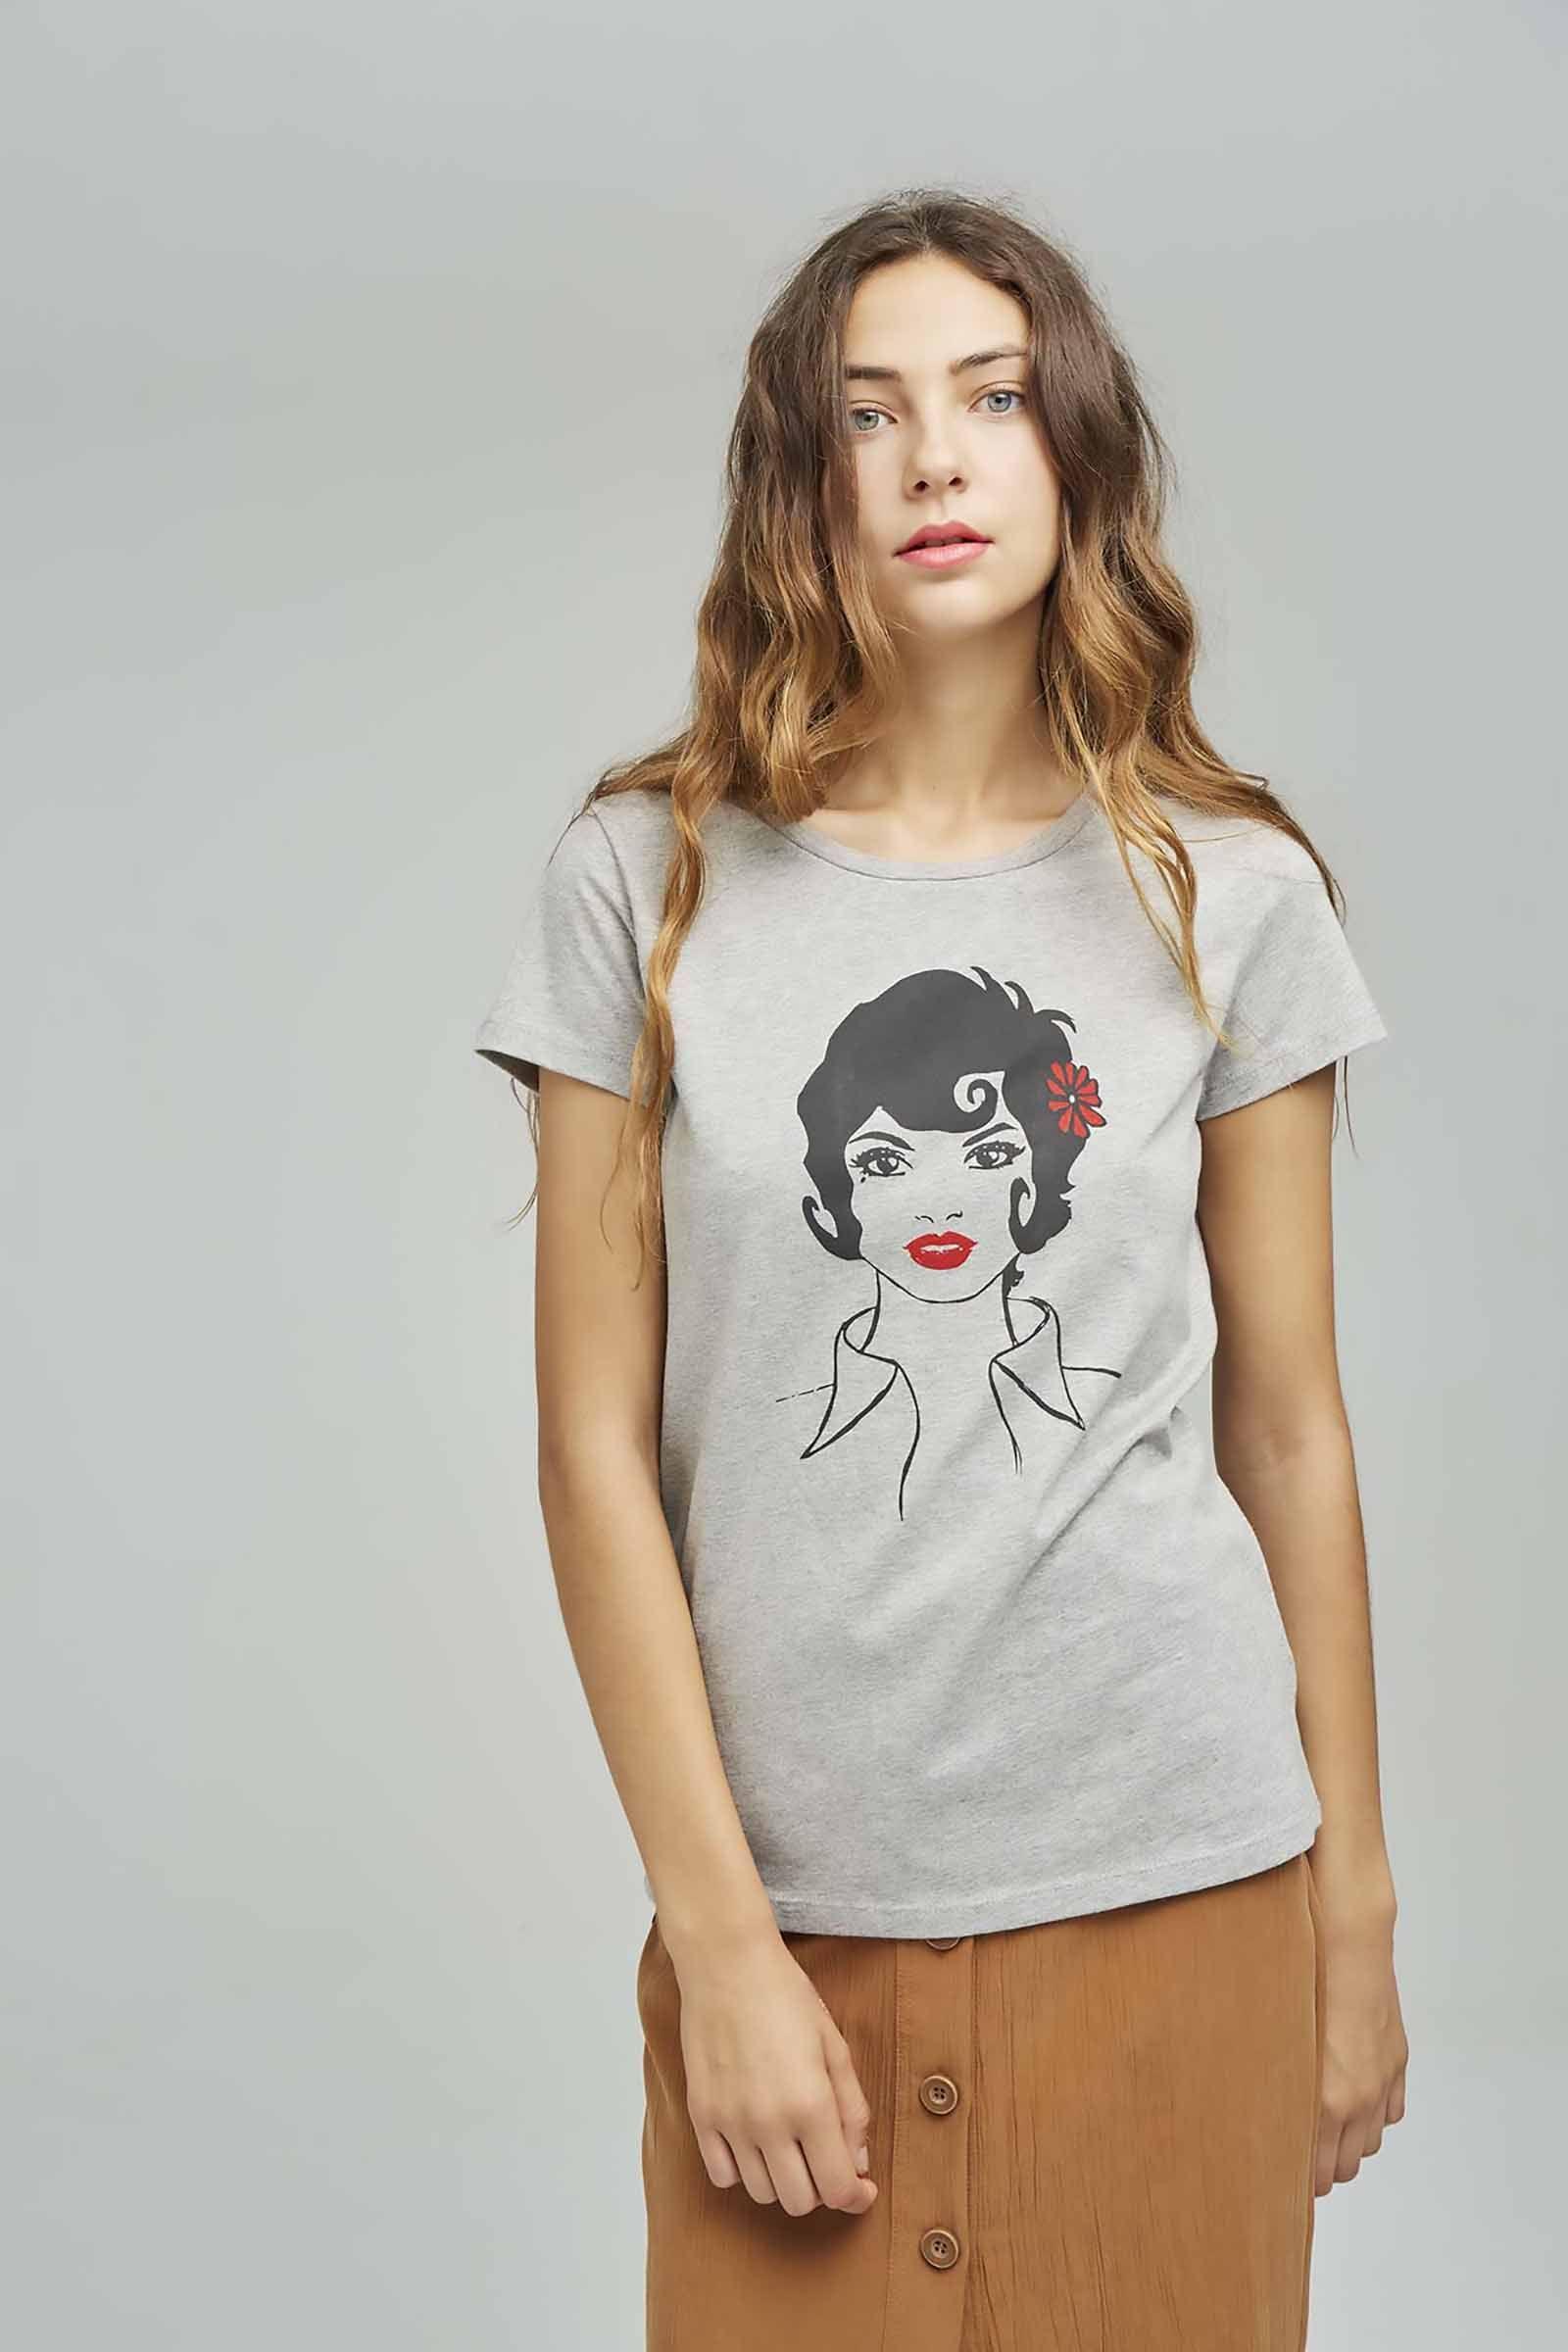 Camisetas Dolores Promesas, para ir a la moda este verano